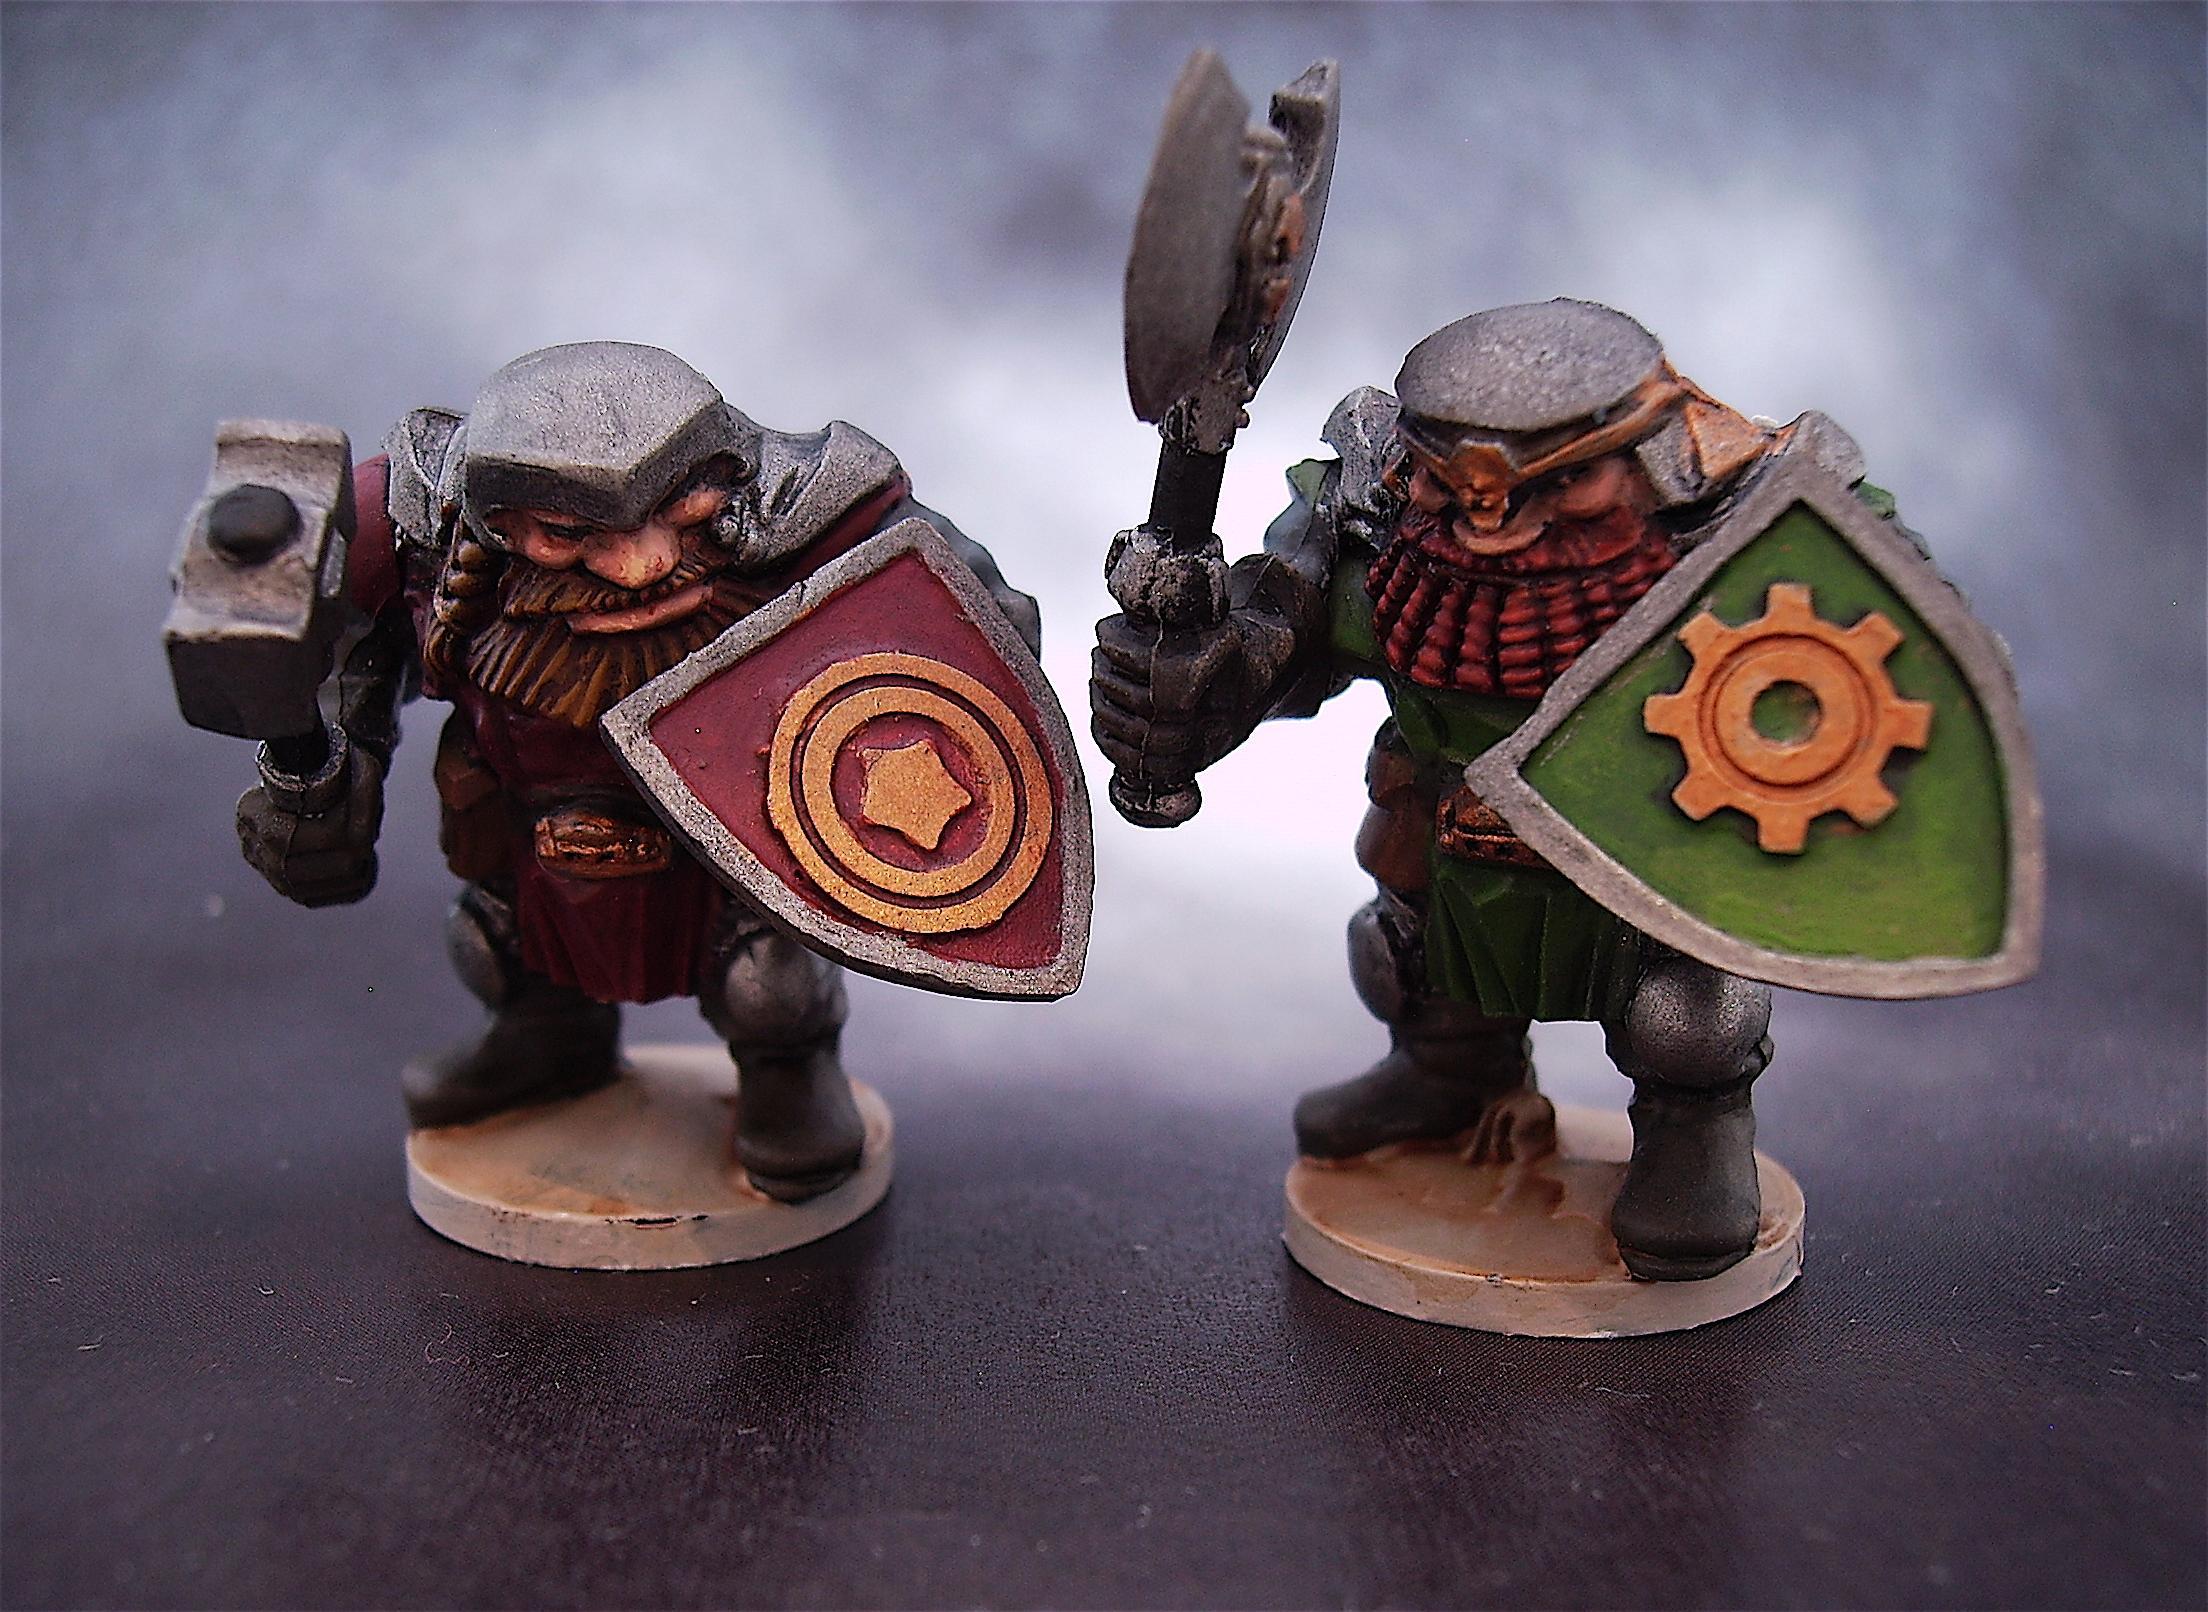 Dwarf's Hold, Dwarfs Hold, Dwarves, Mantic, Skeletons, Skellingtons